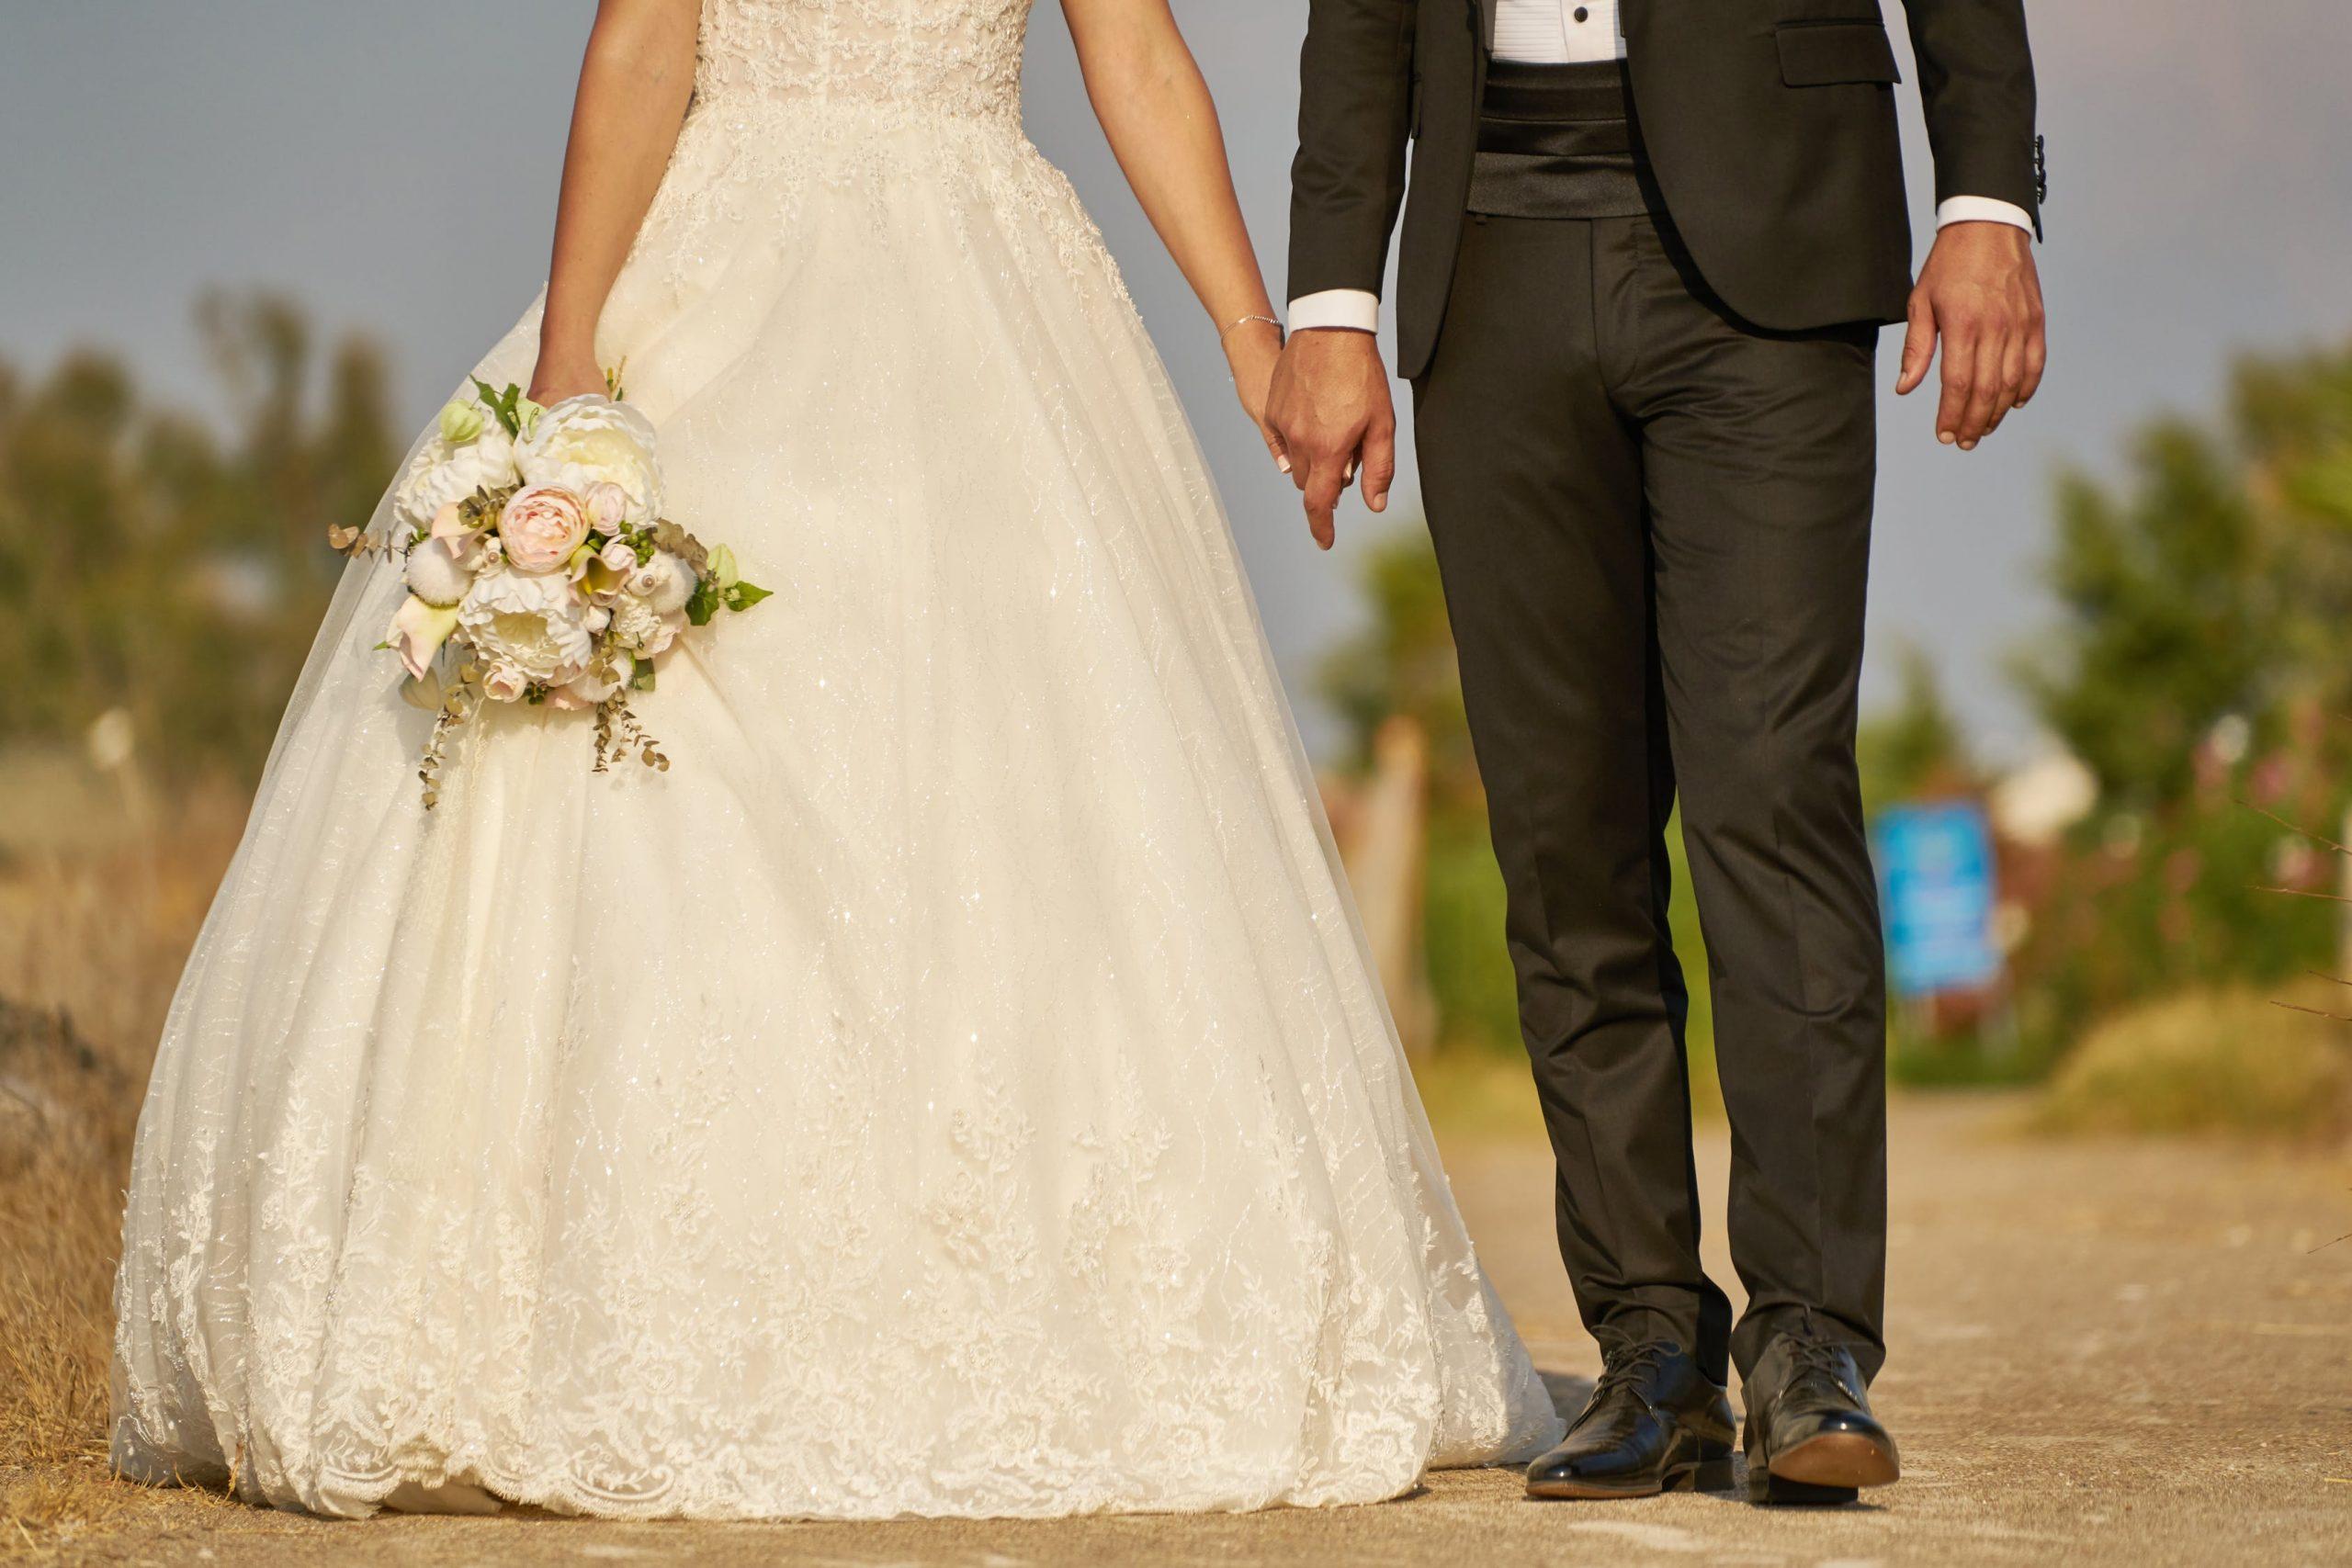 Outdoor wedding, couple walking